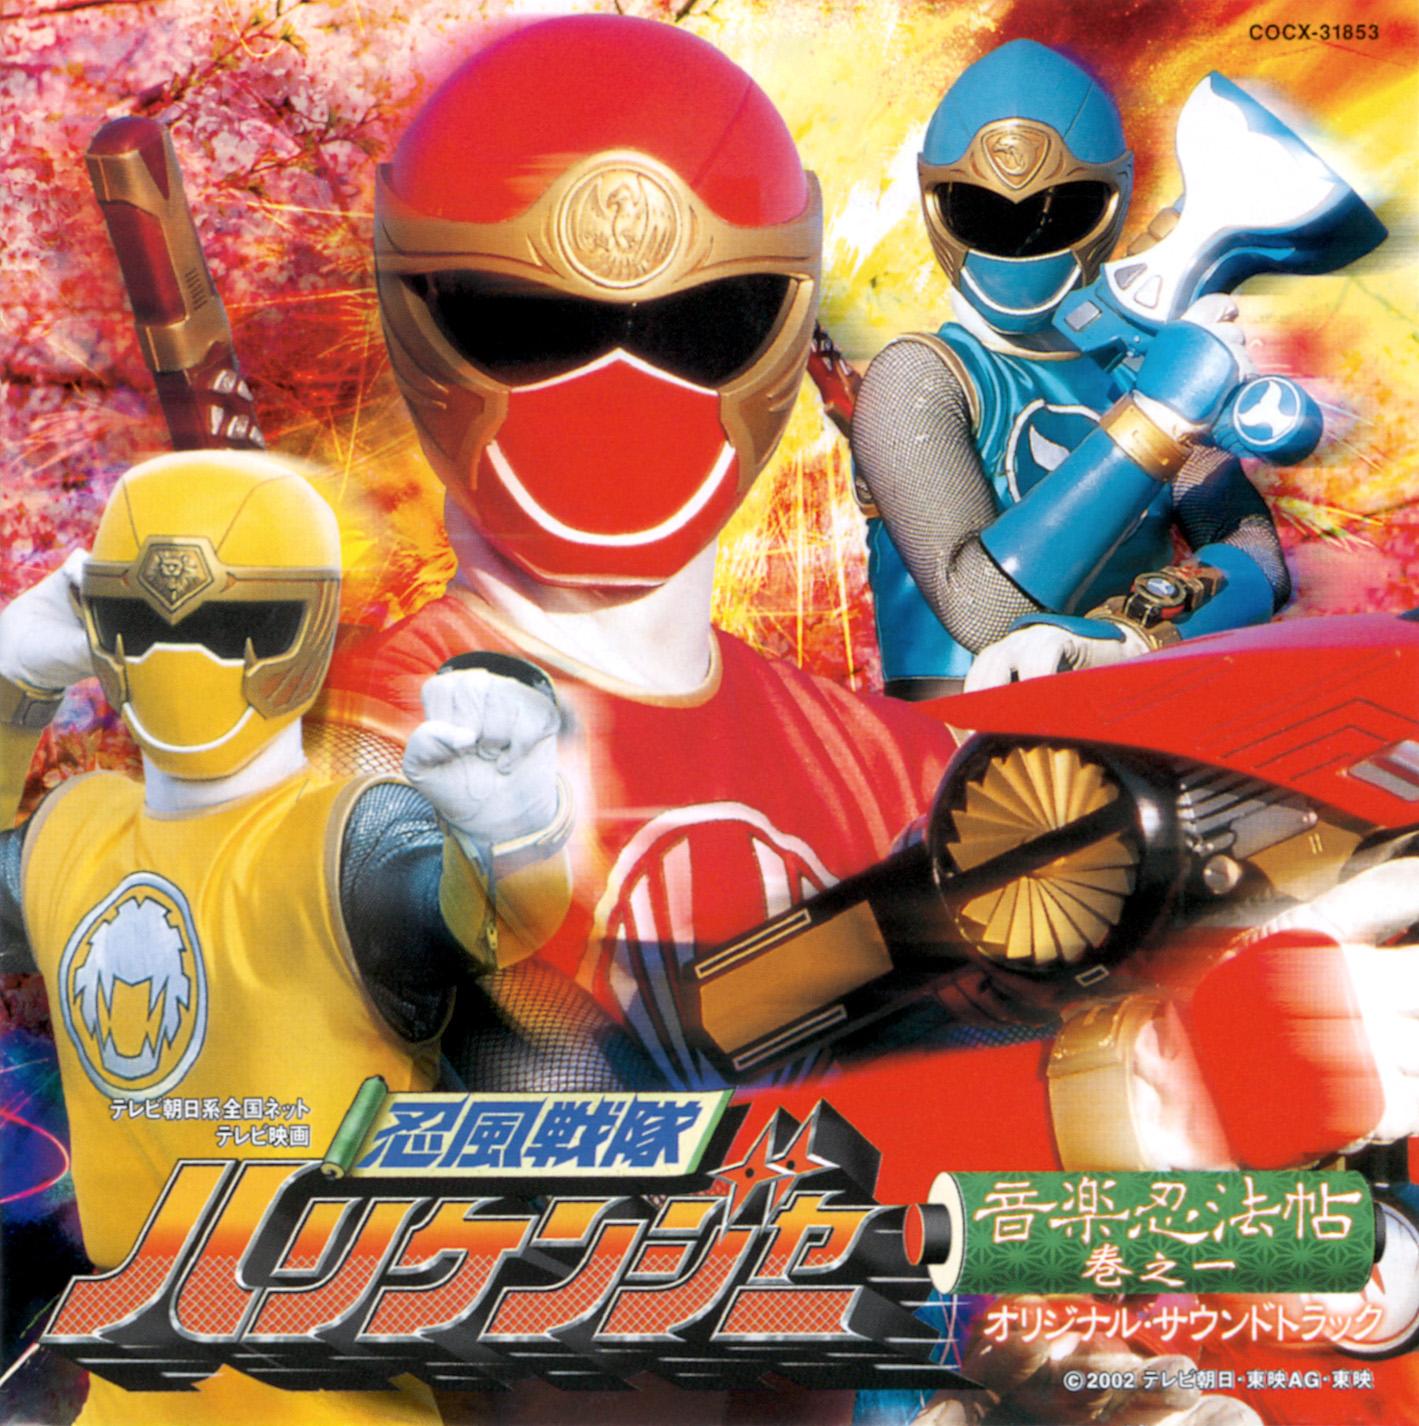 Ninpu Sentai Hurricaneger Soundtracks